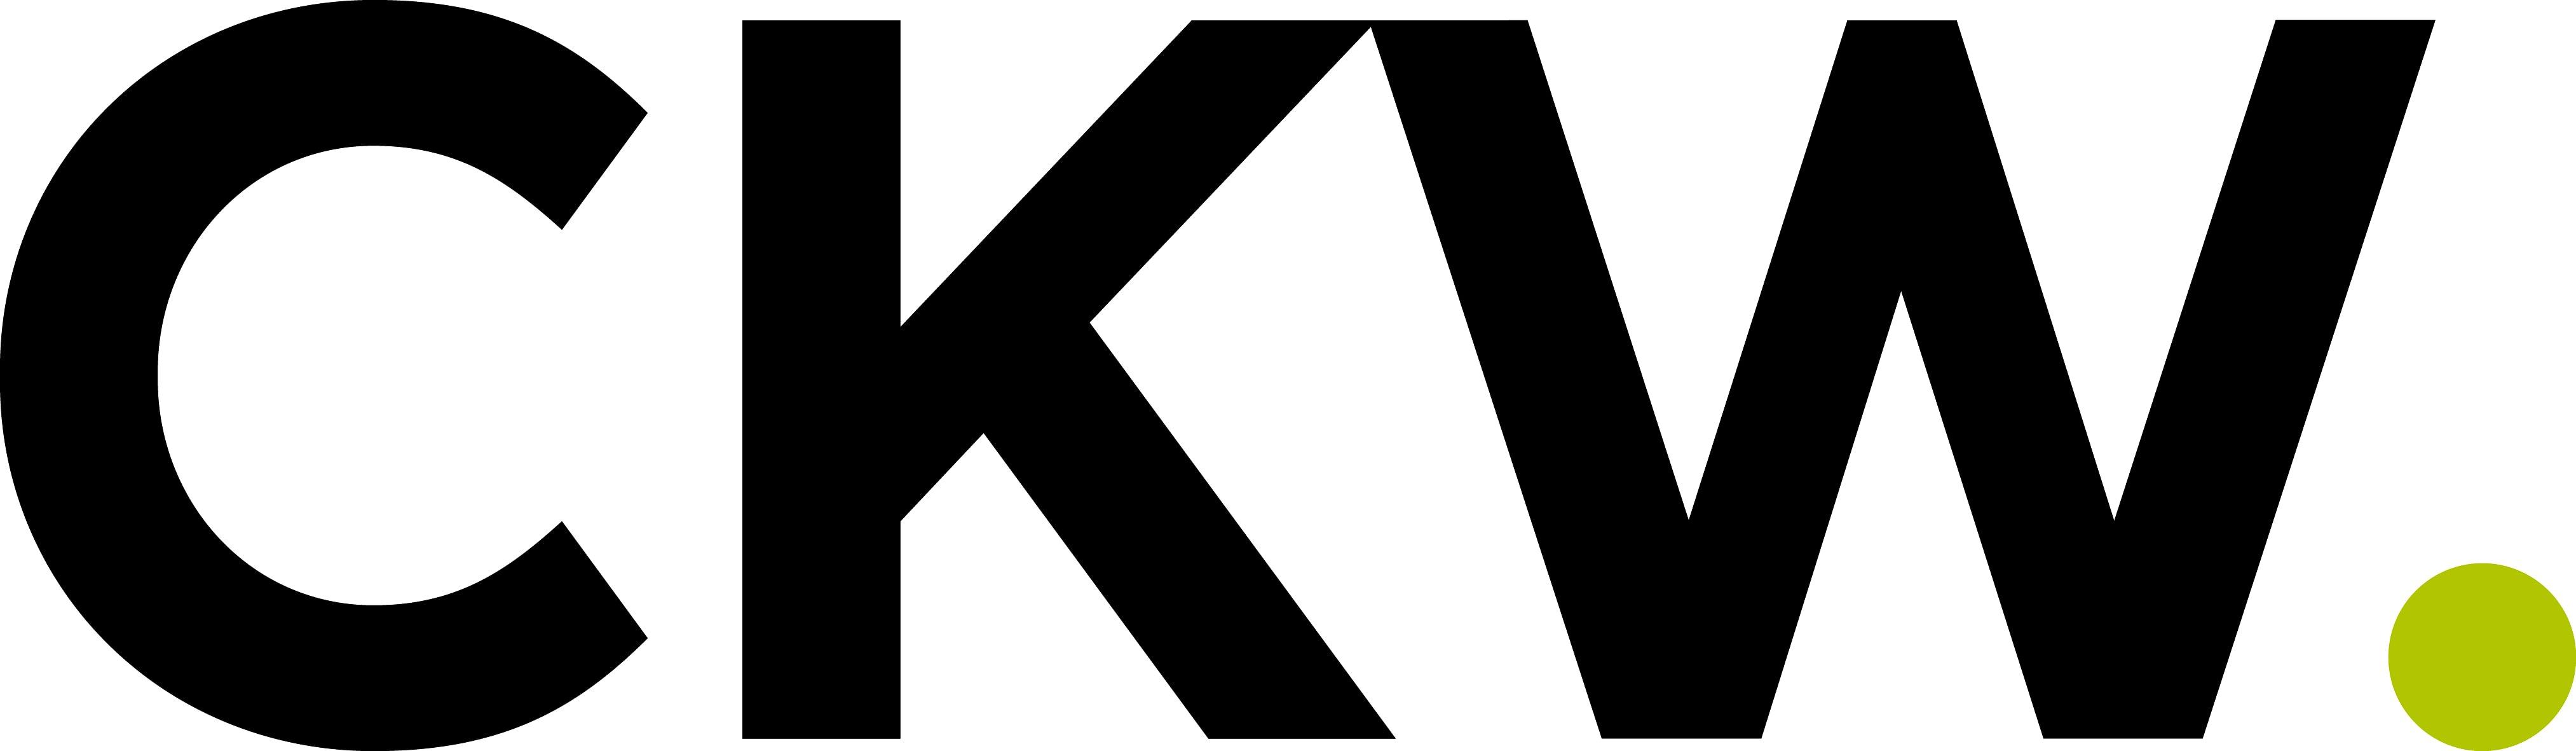 CKW - Geschäftsstelle Küssnacht am Rigi